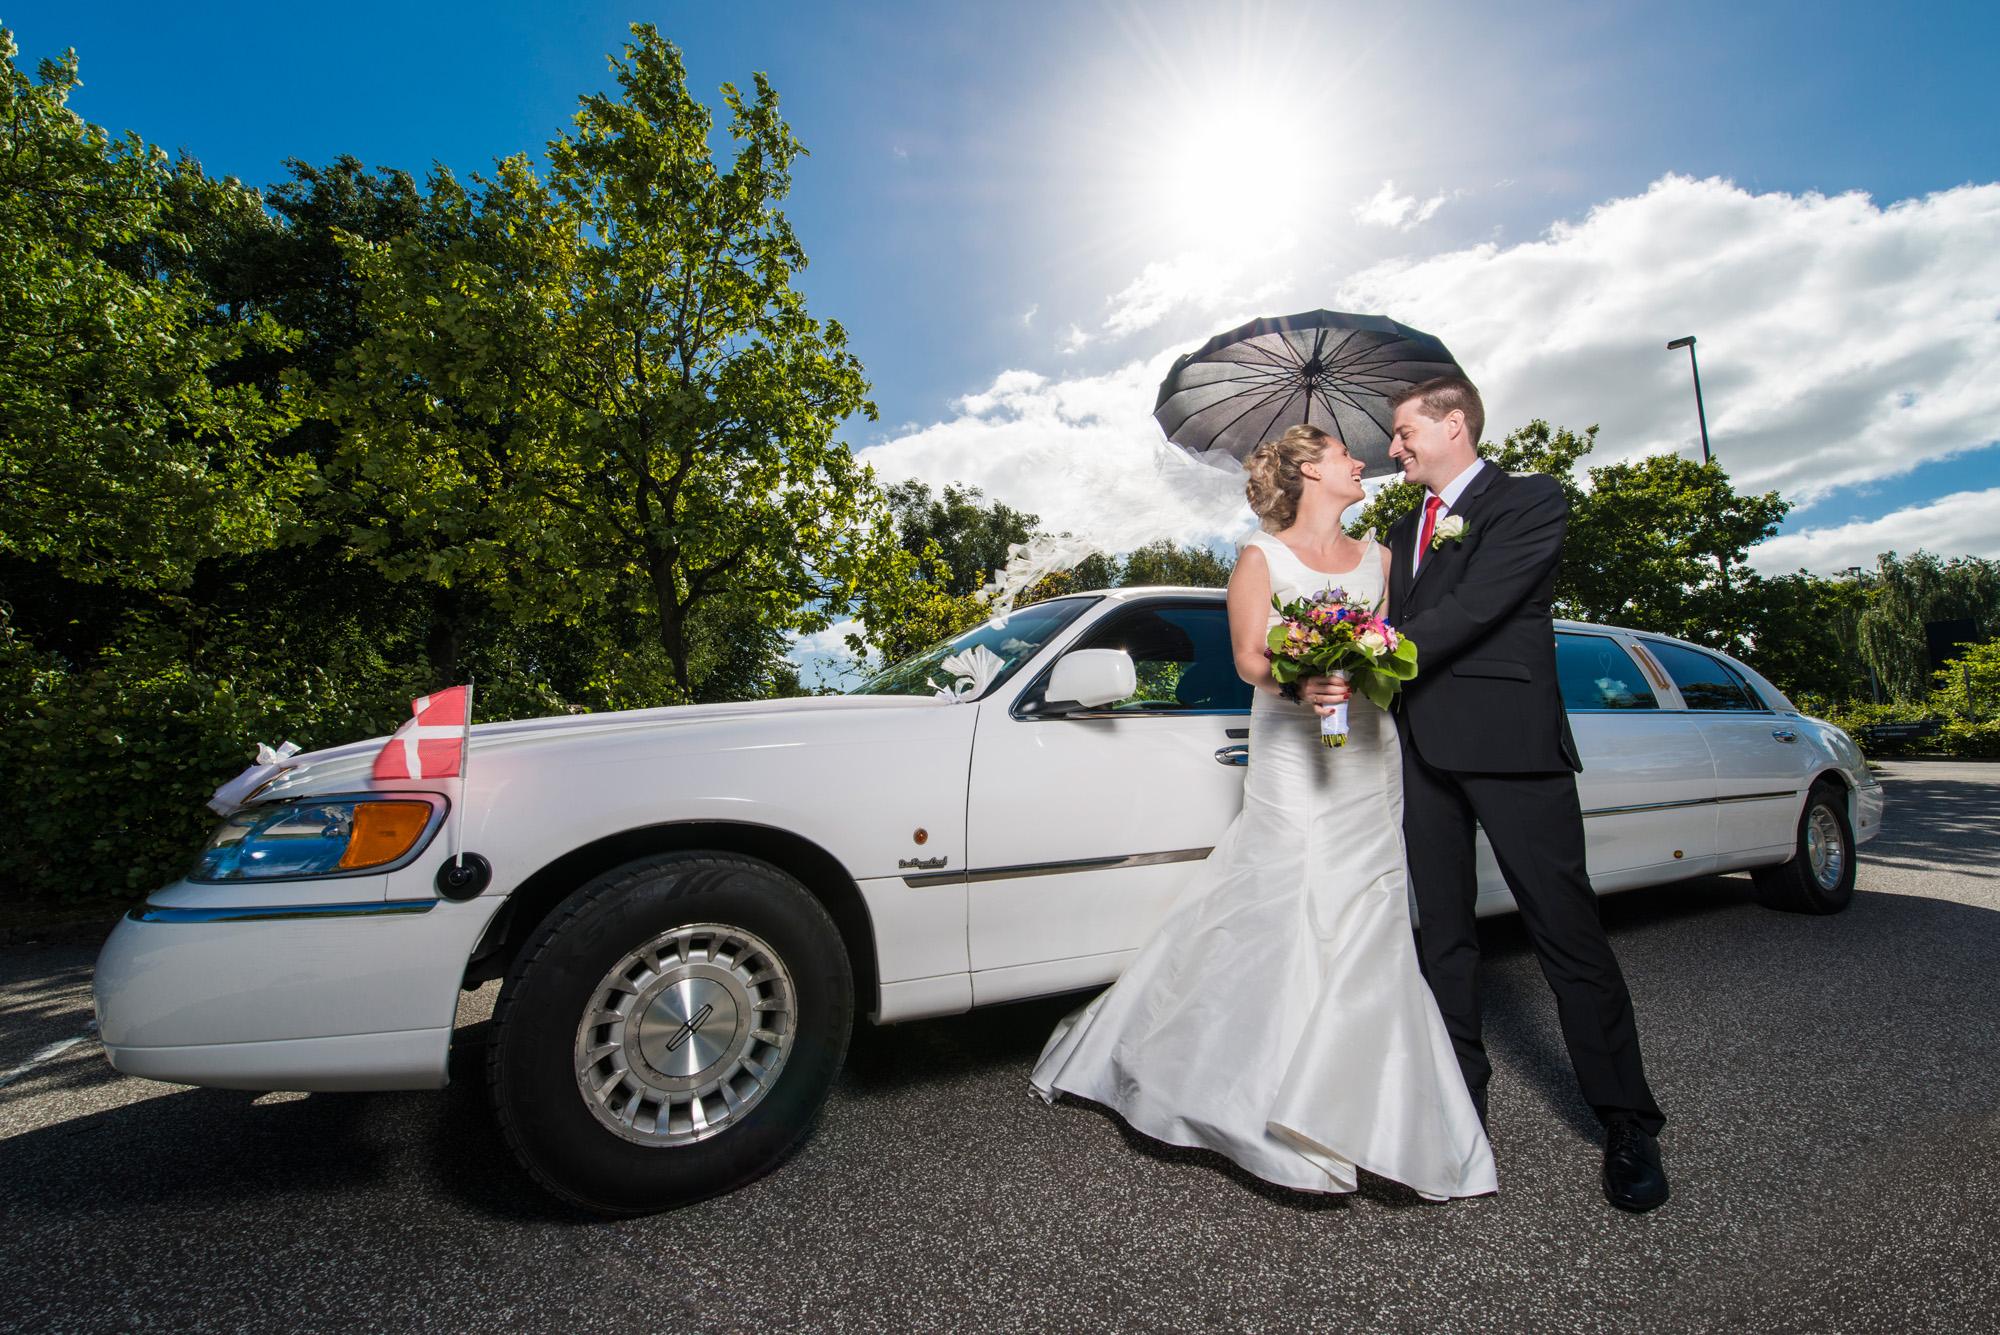 Brudepar ved den flotte limo